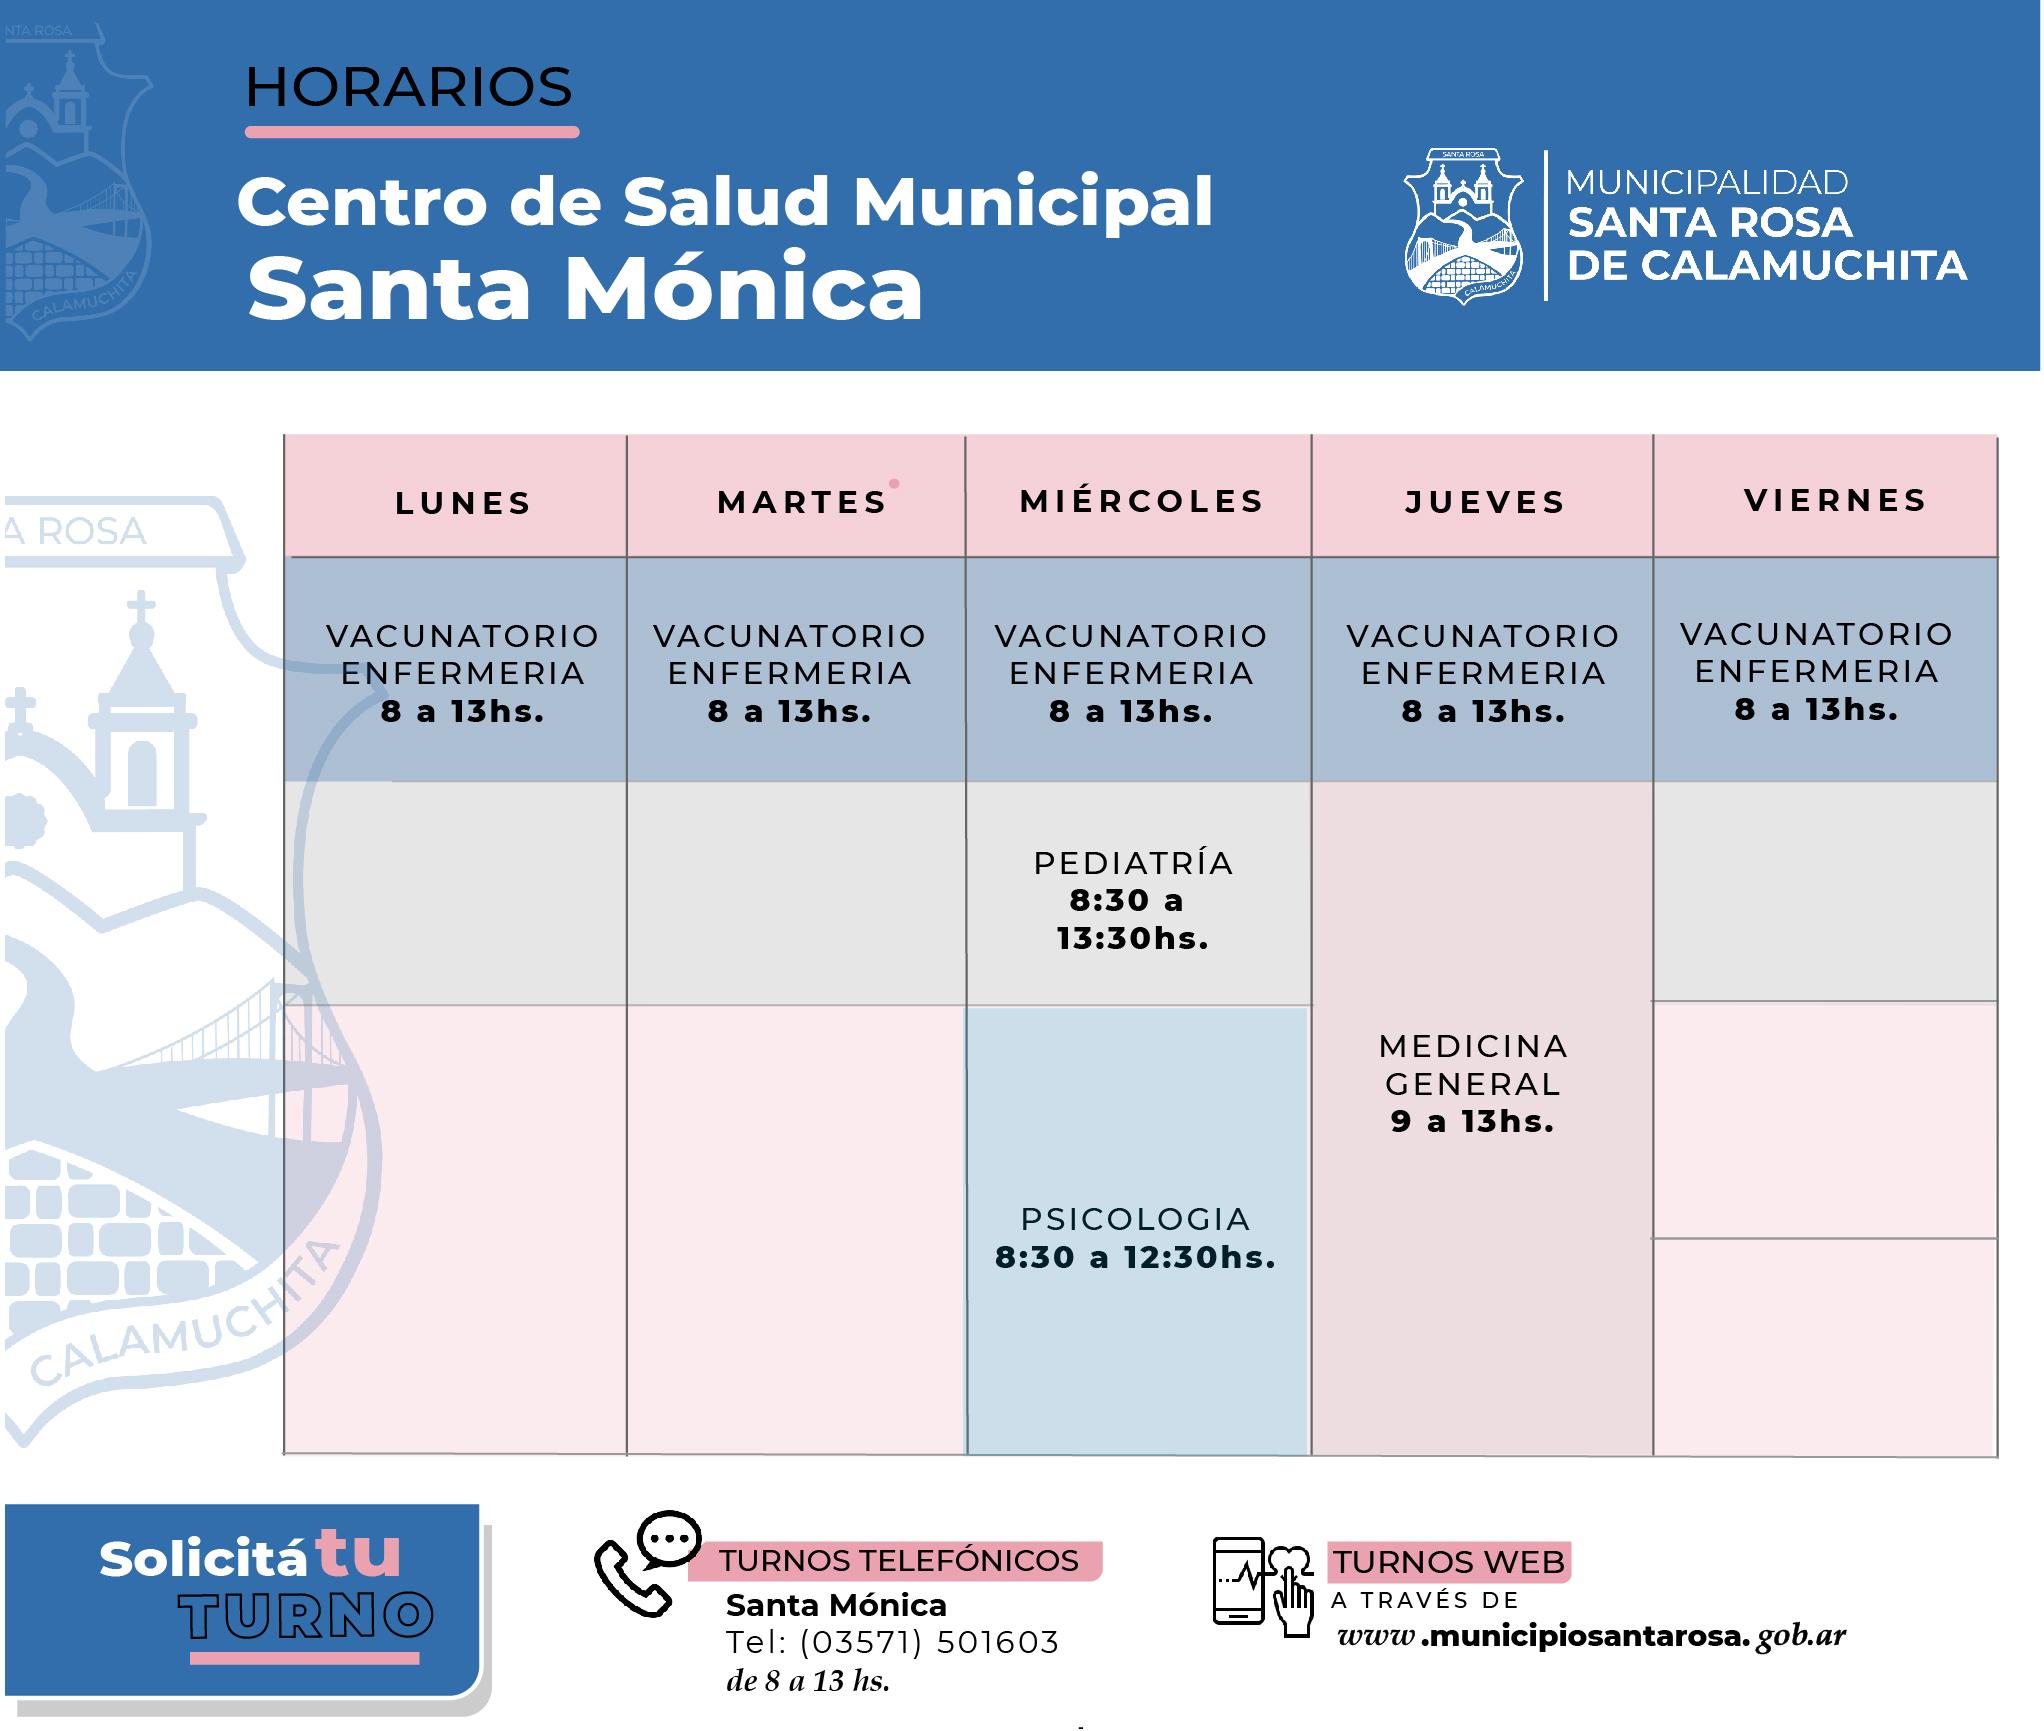 HORARIOS DISPENSARIOS-04-04-04